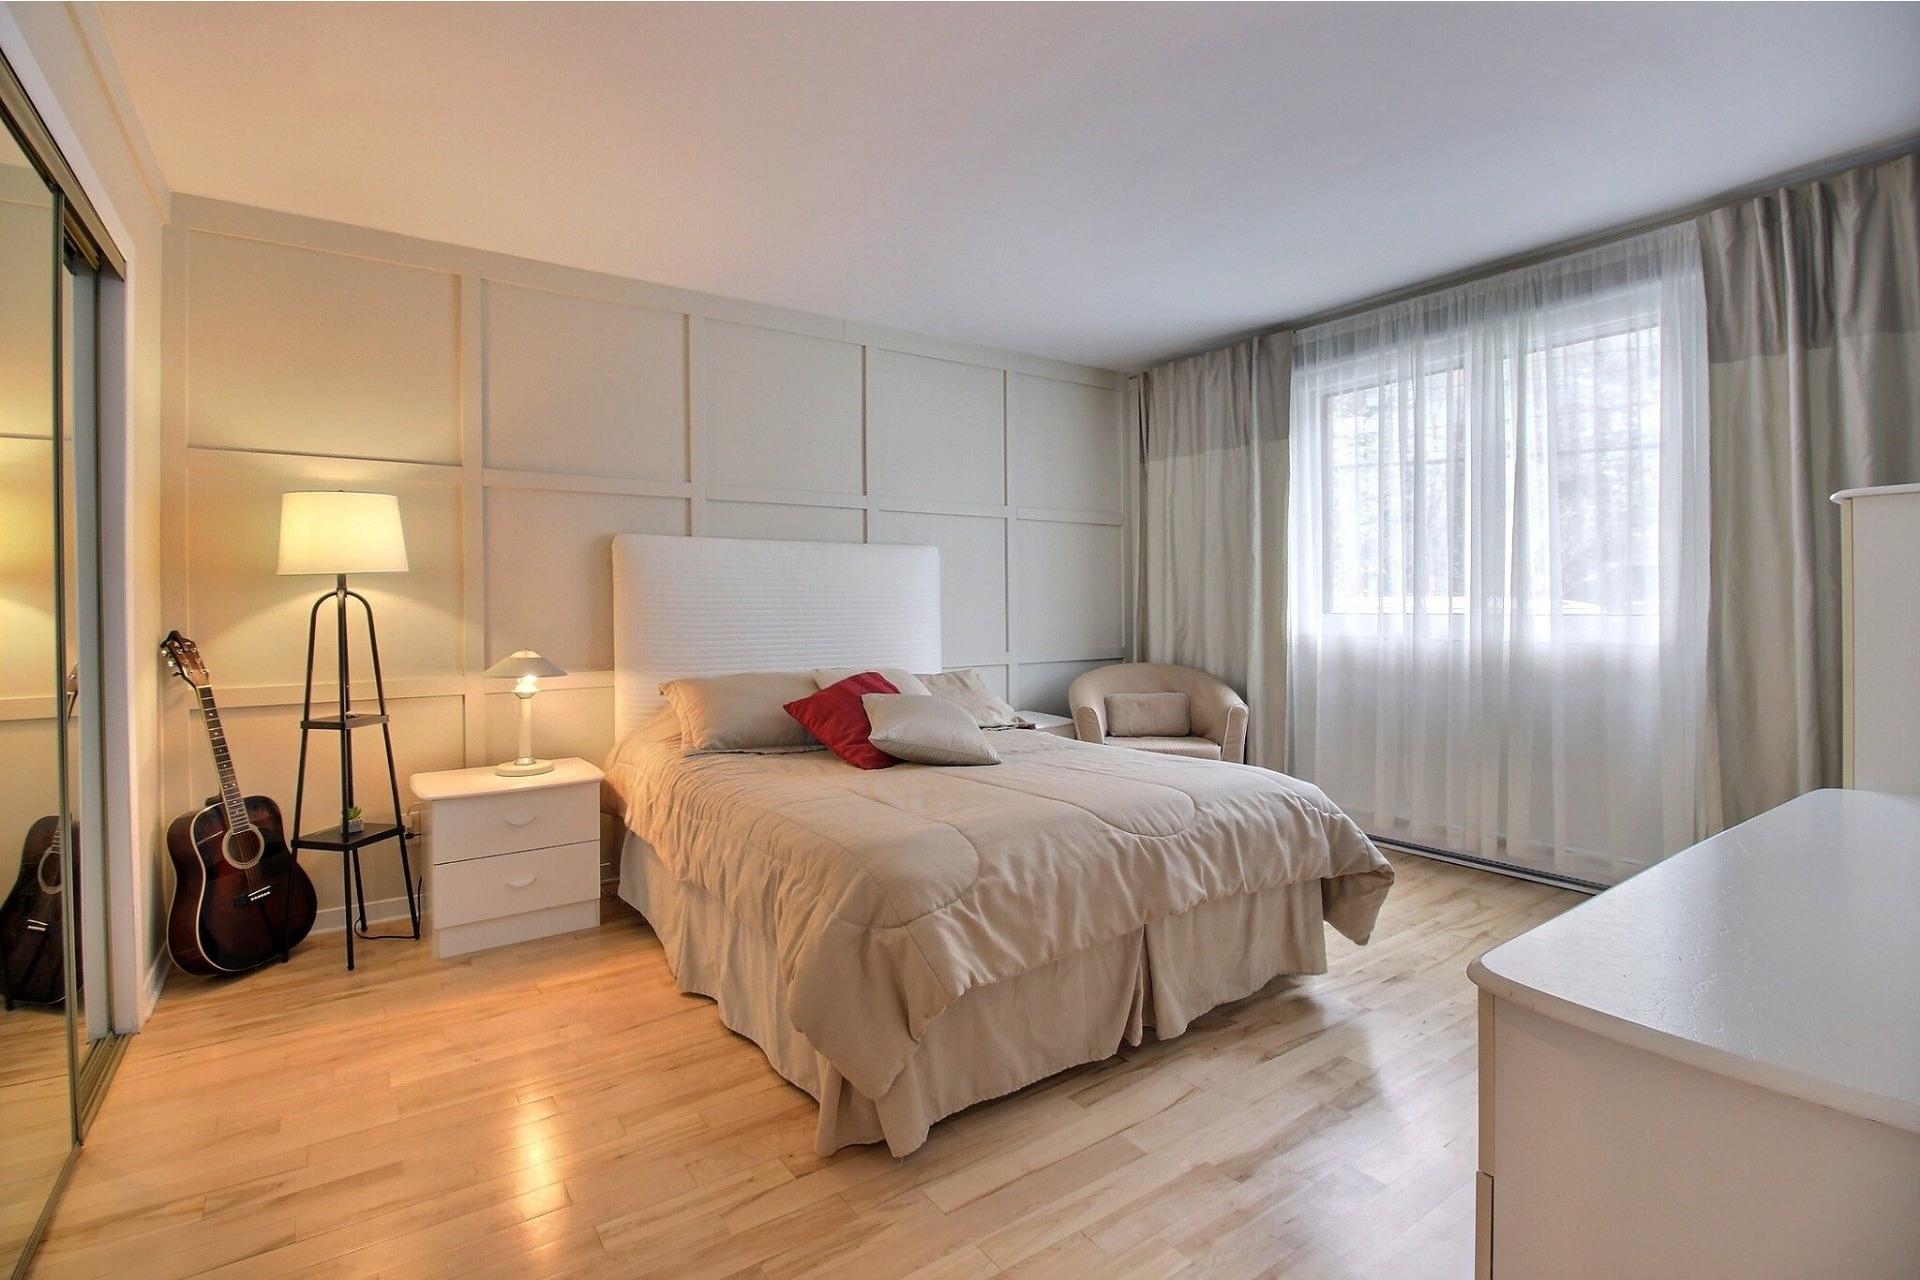 image 17 - Appartement À vendre Rivière-des-Prairies/Pointe-aux-Trembles Montréal  - 5 pièces